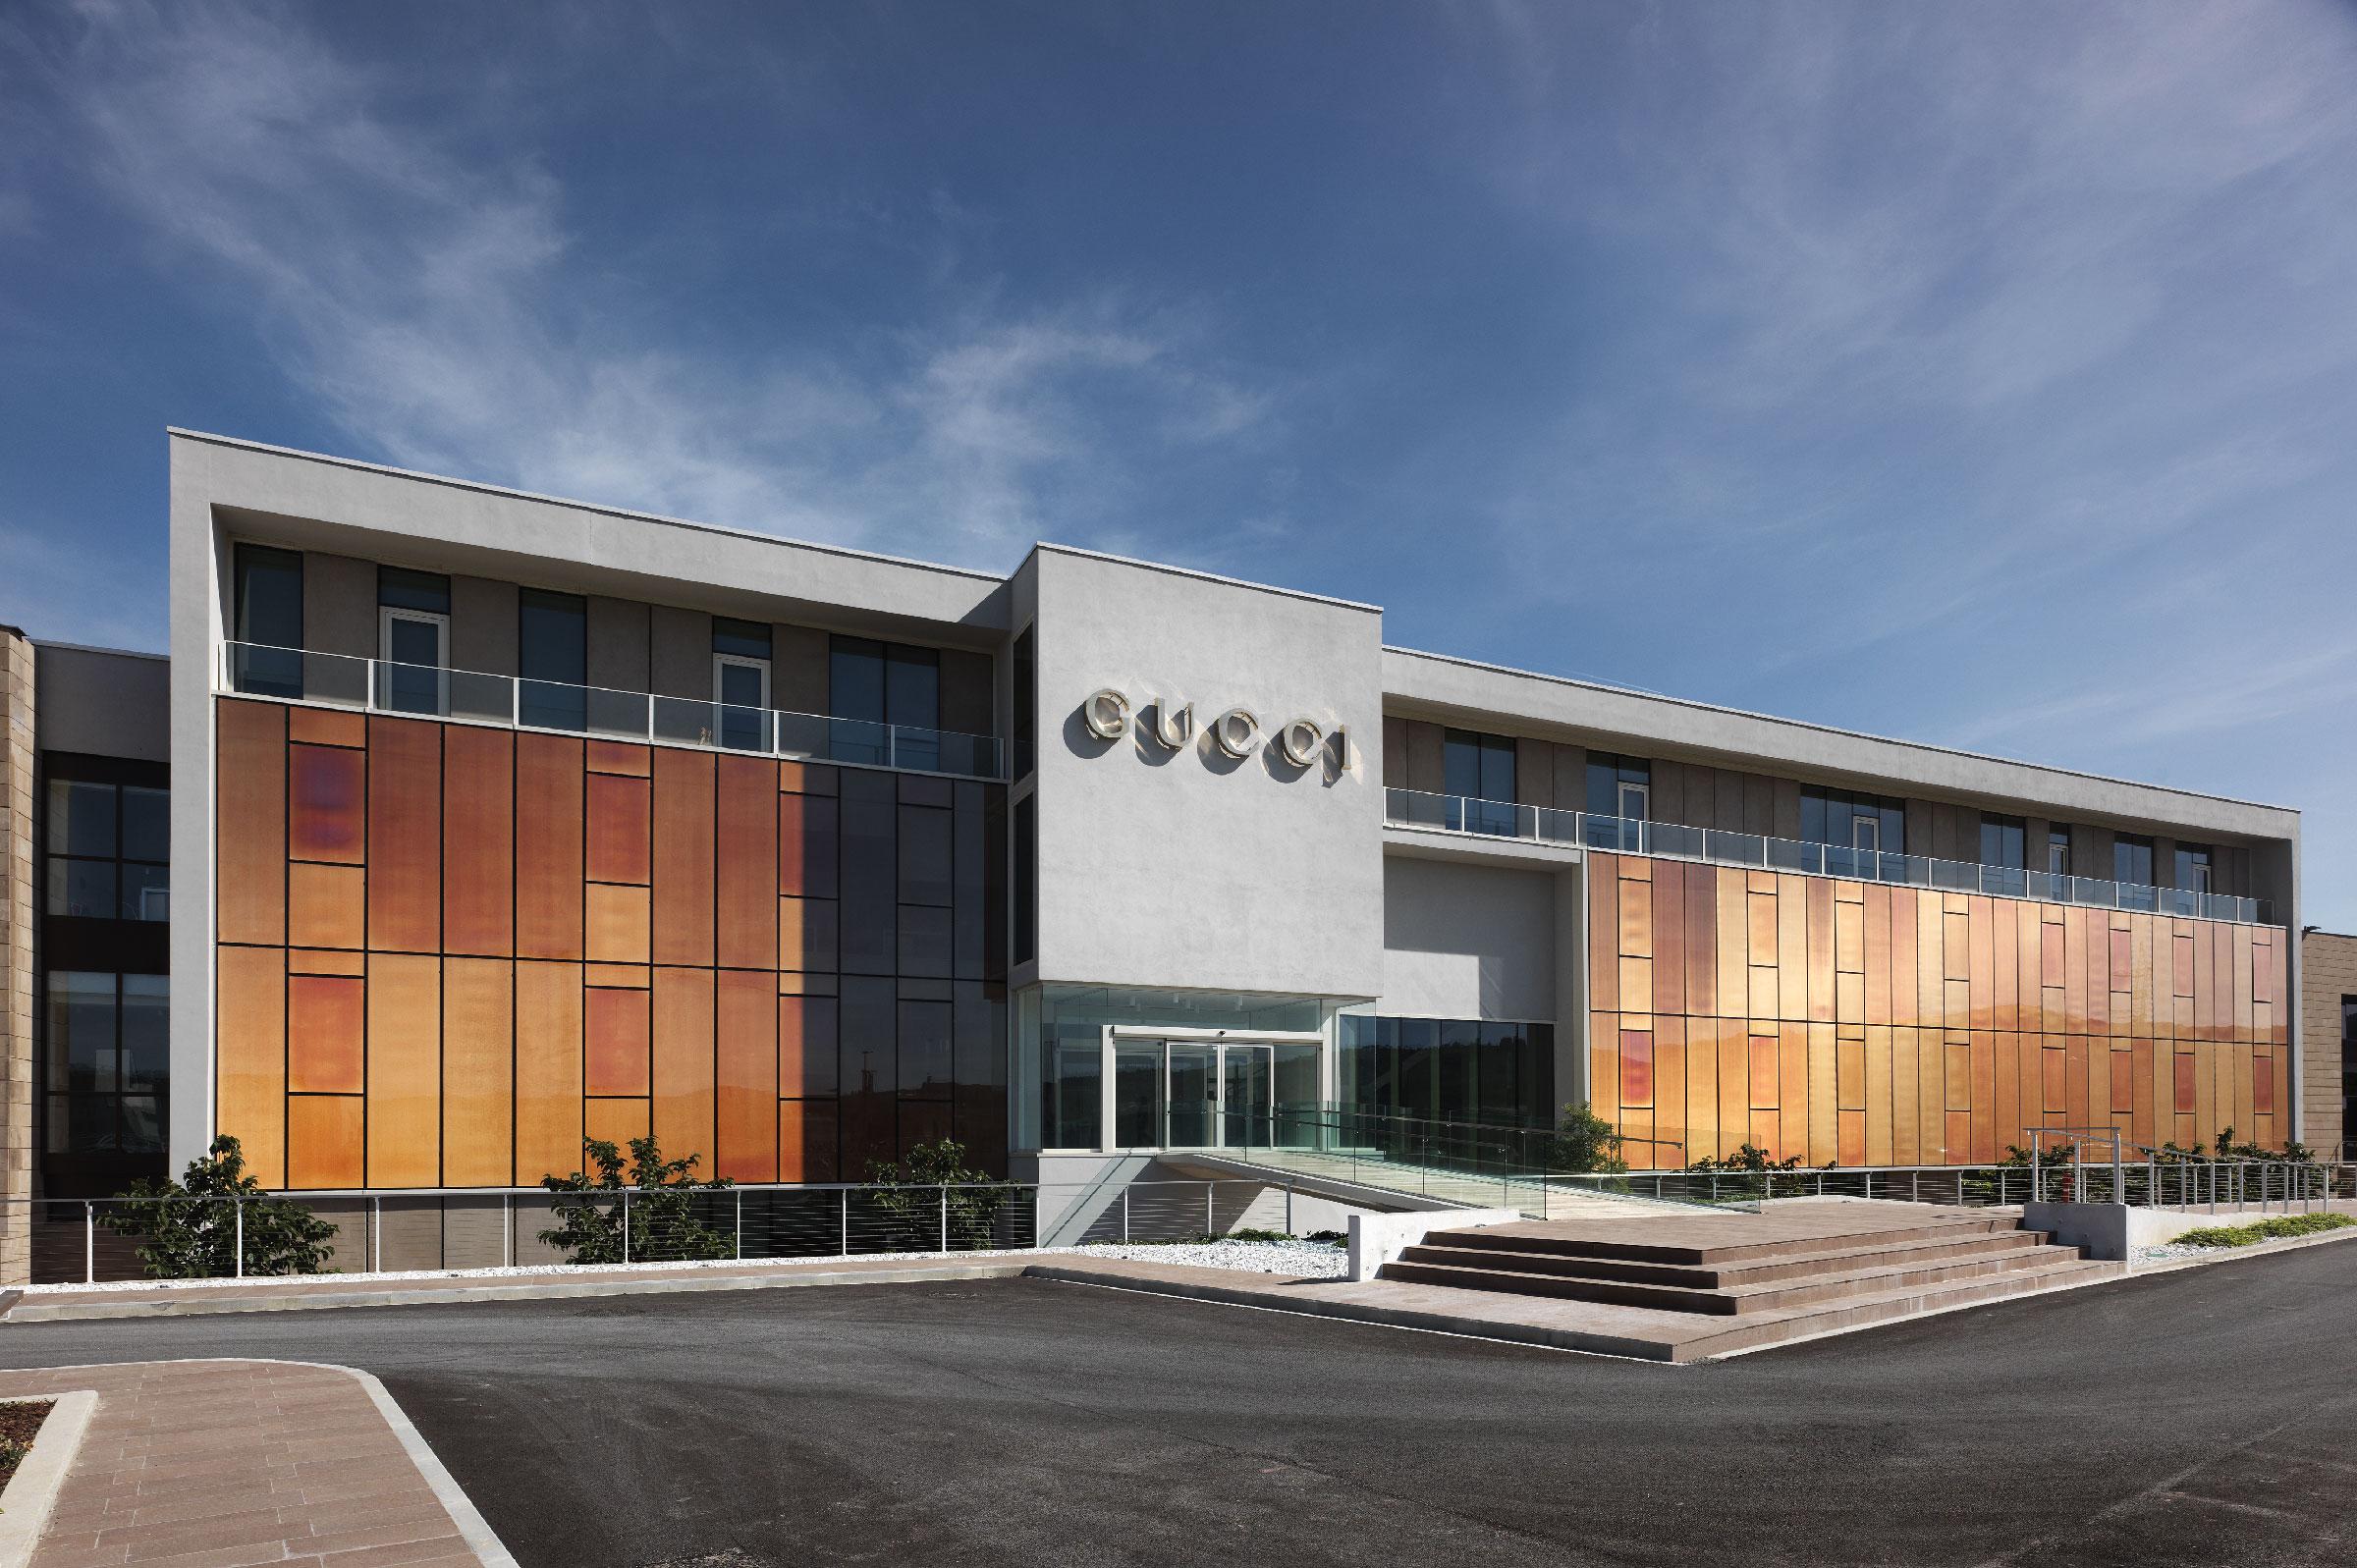 Gucci HQ